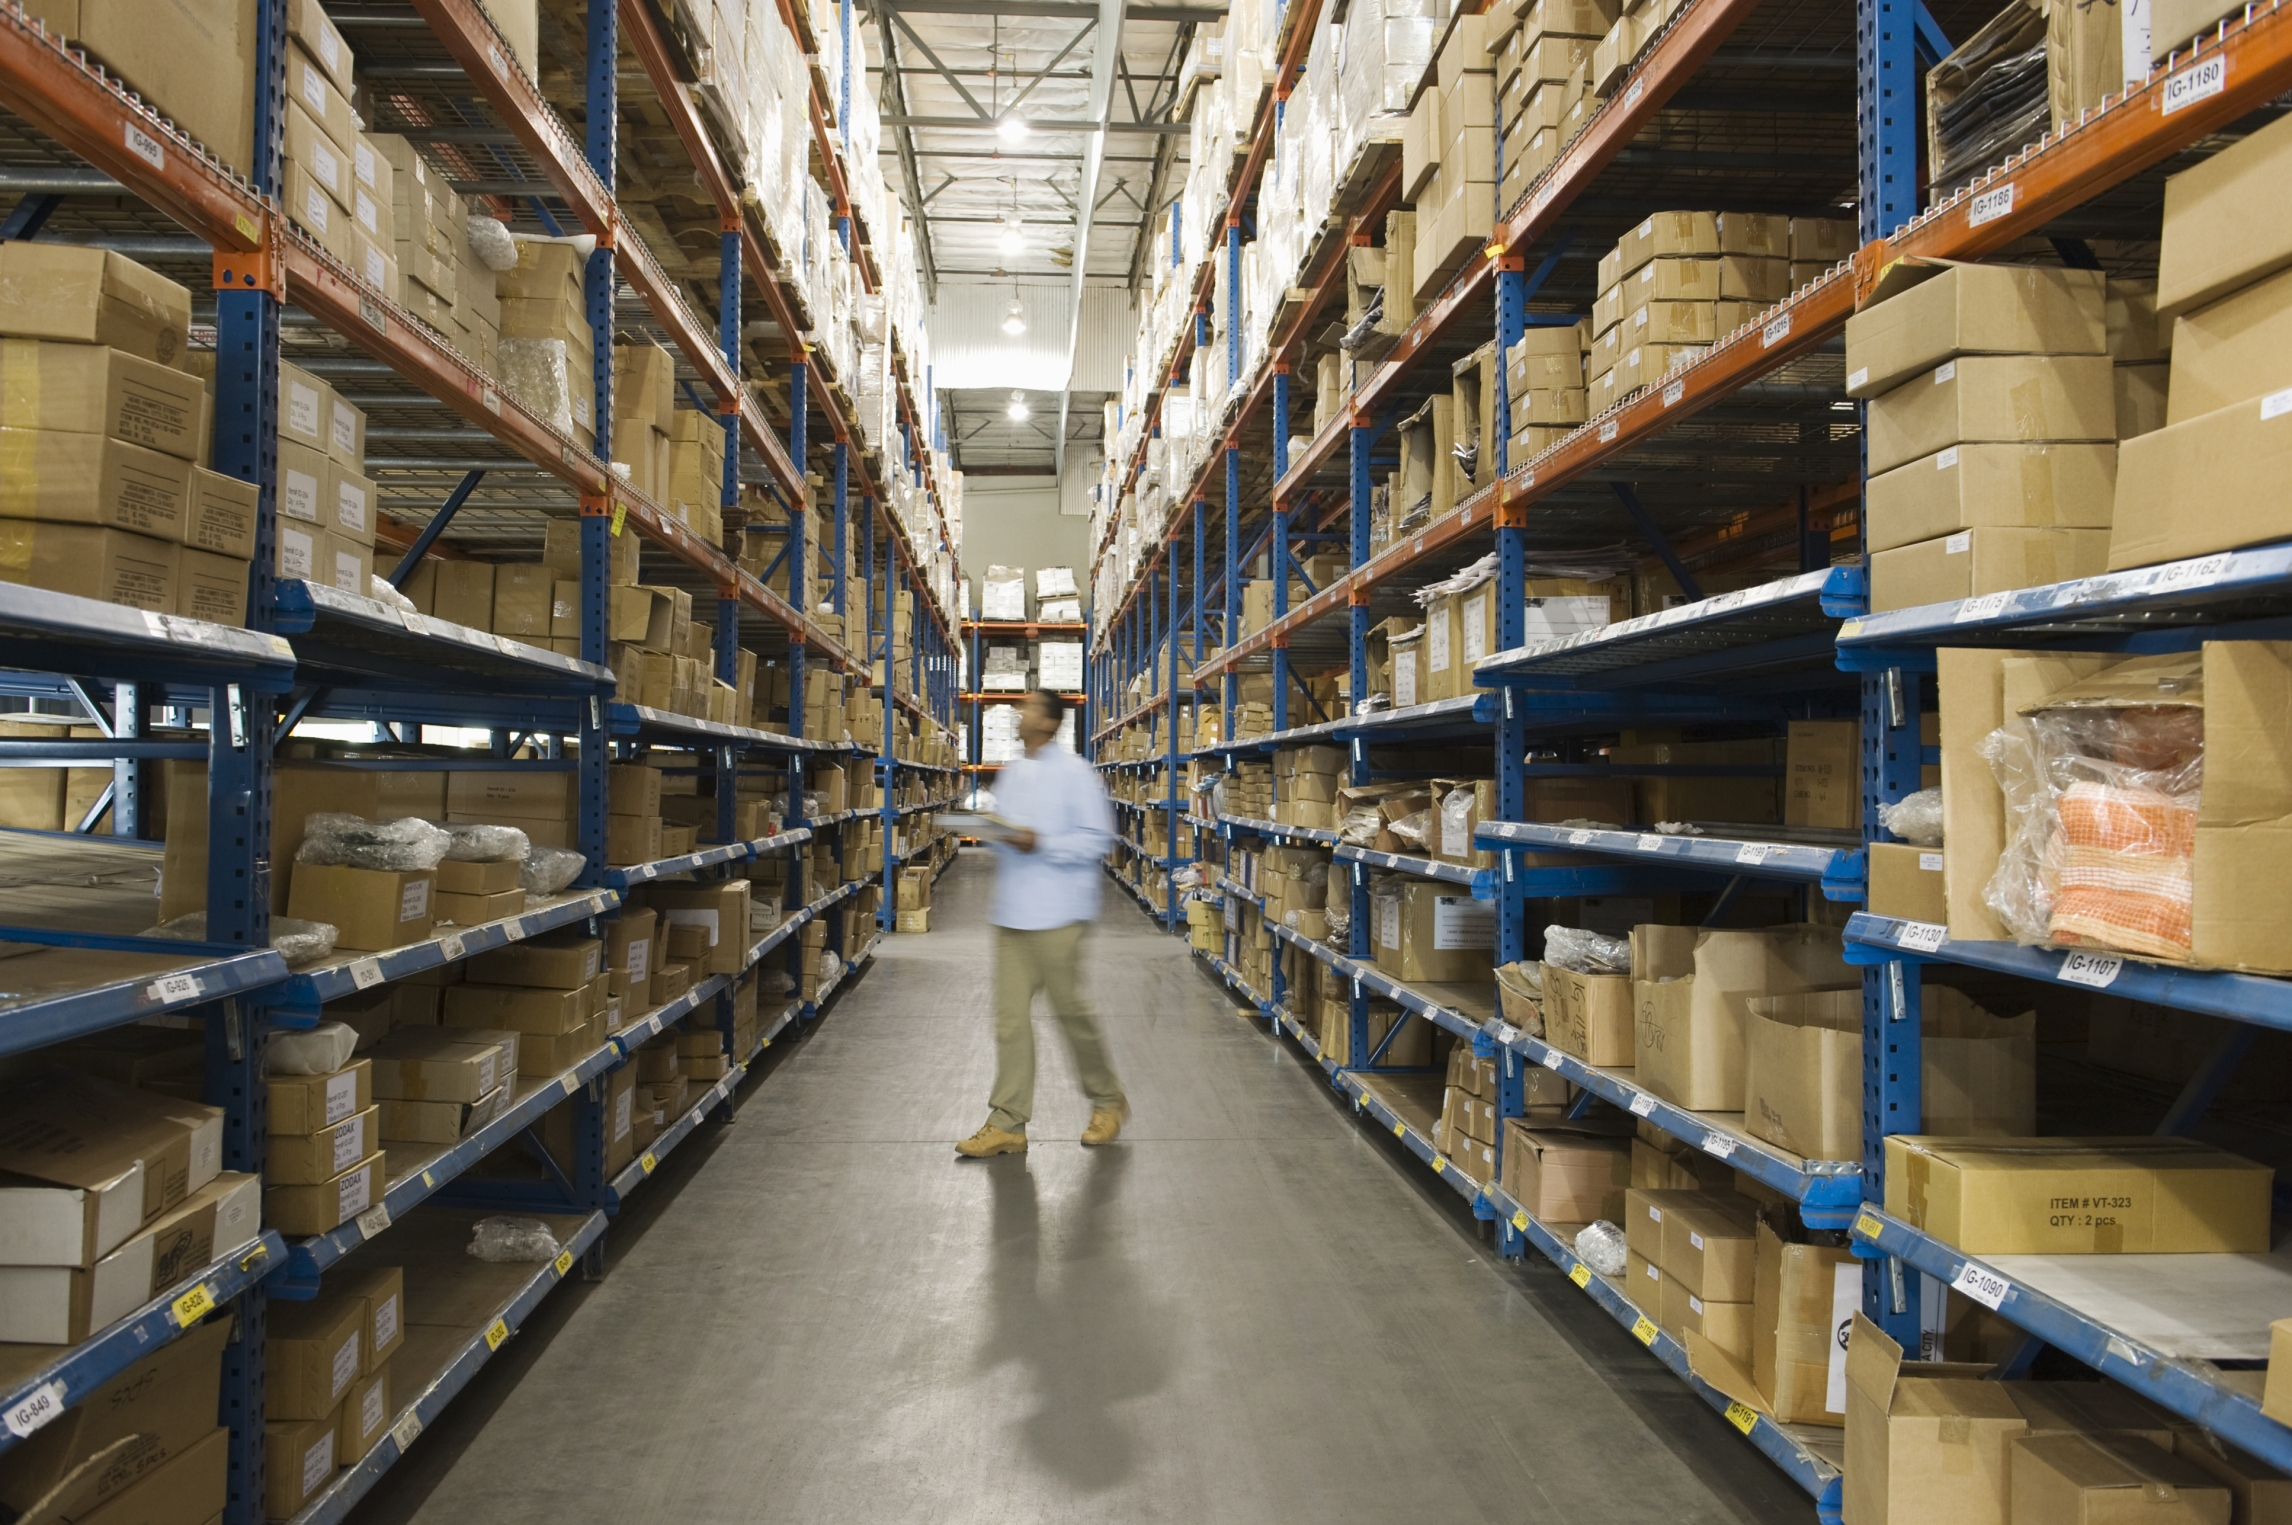 Gestión de inventarios - Logística: ¿Cómo realizar una gestión de inventario eficiente?